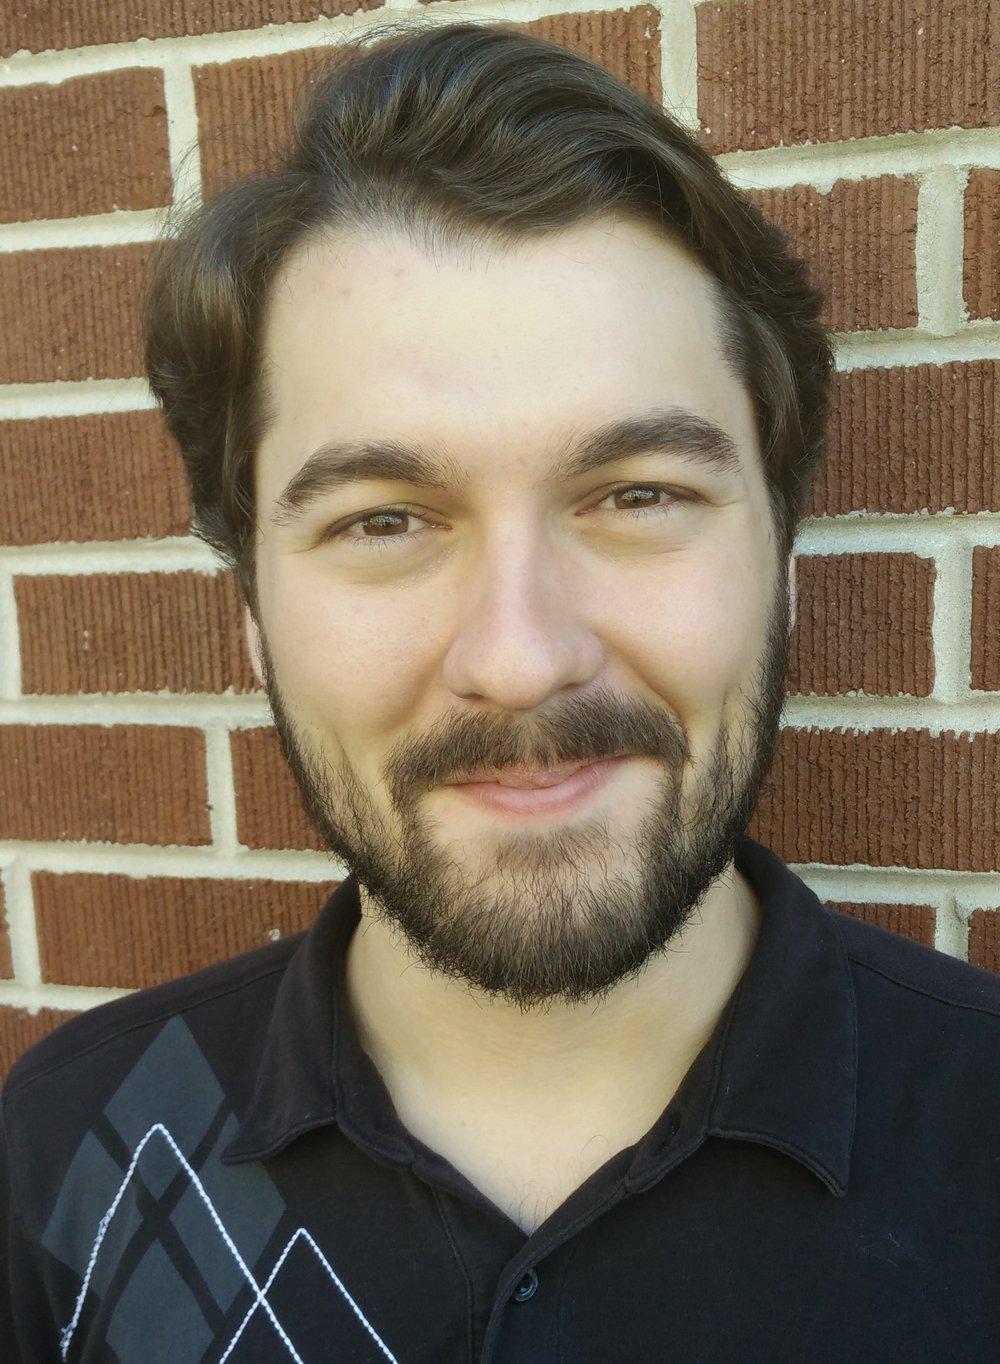 Josh Holober-Ward